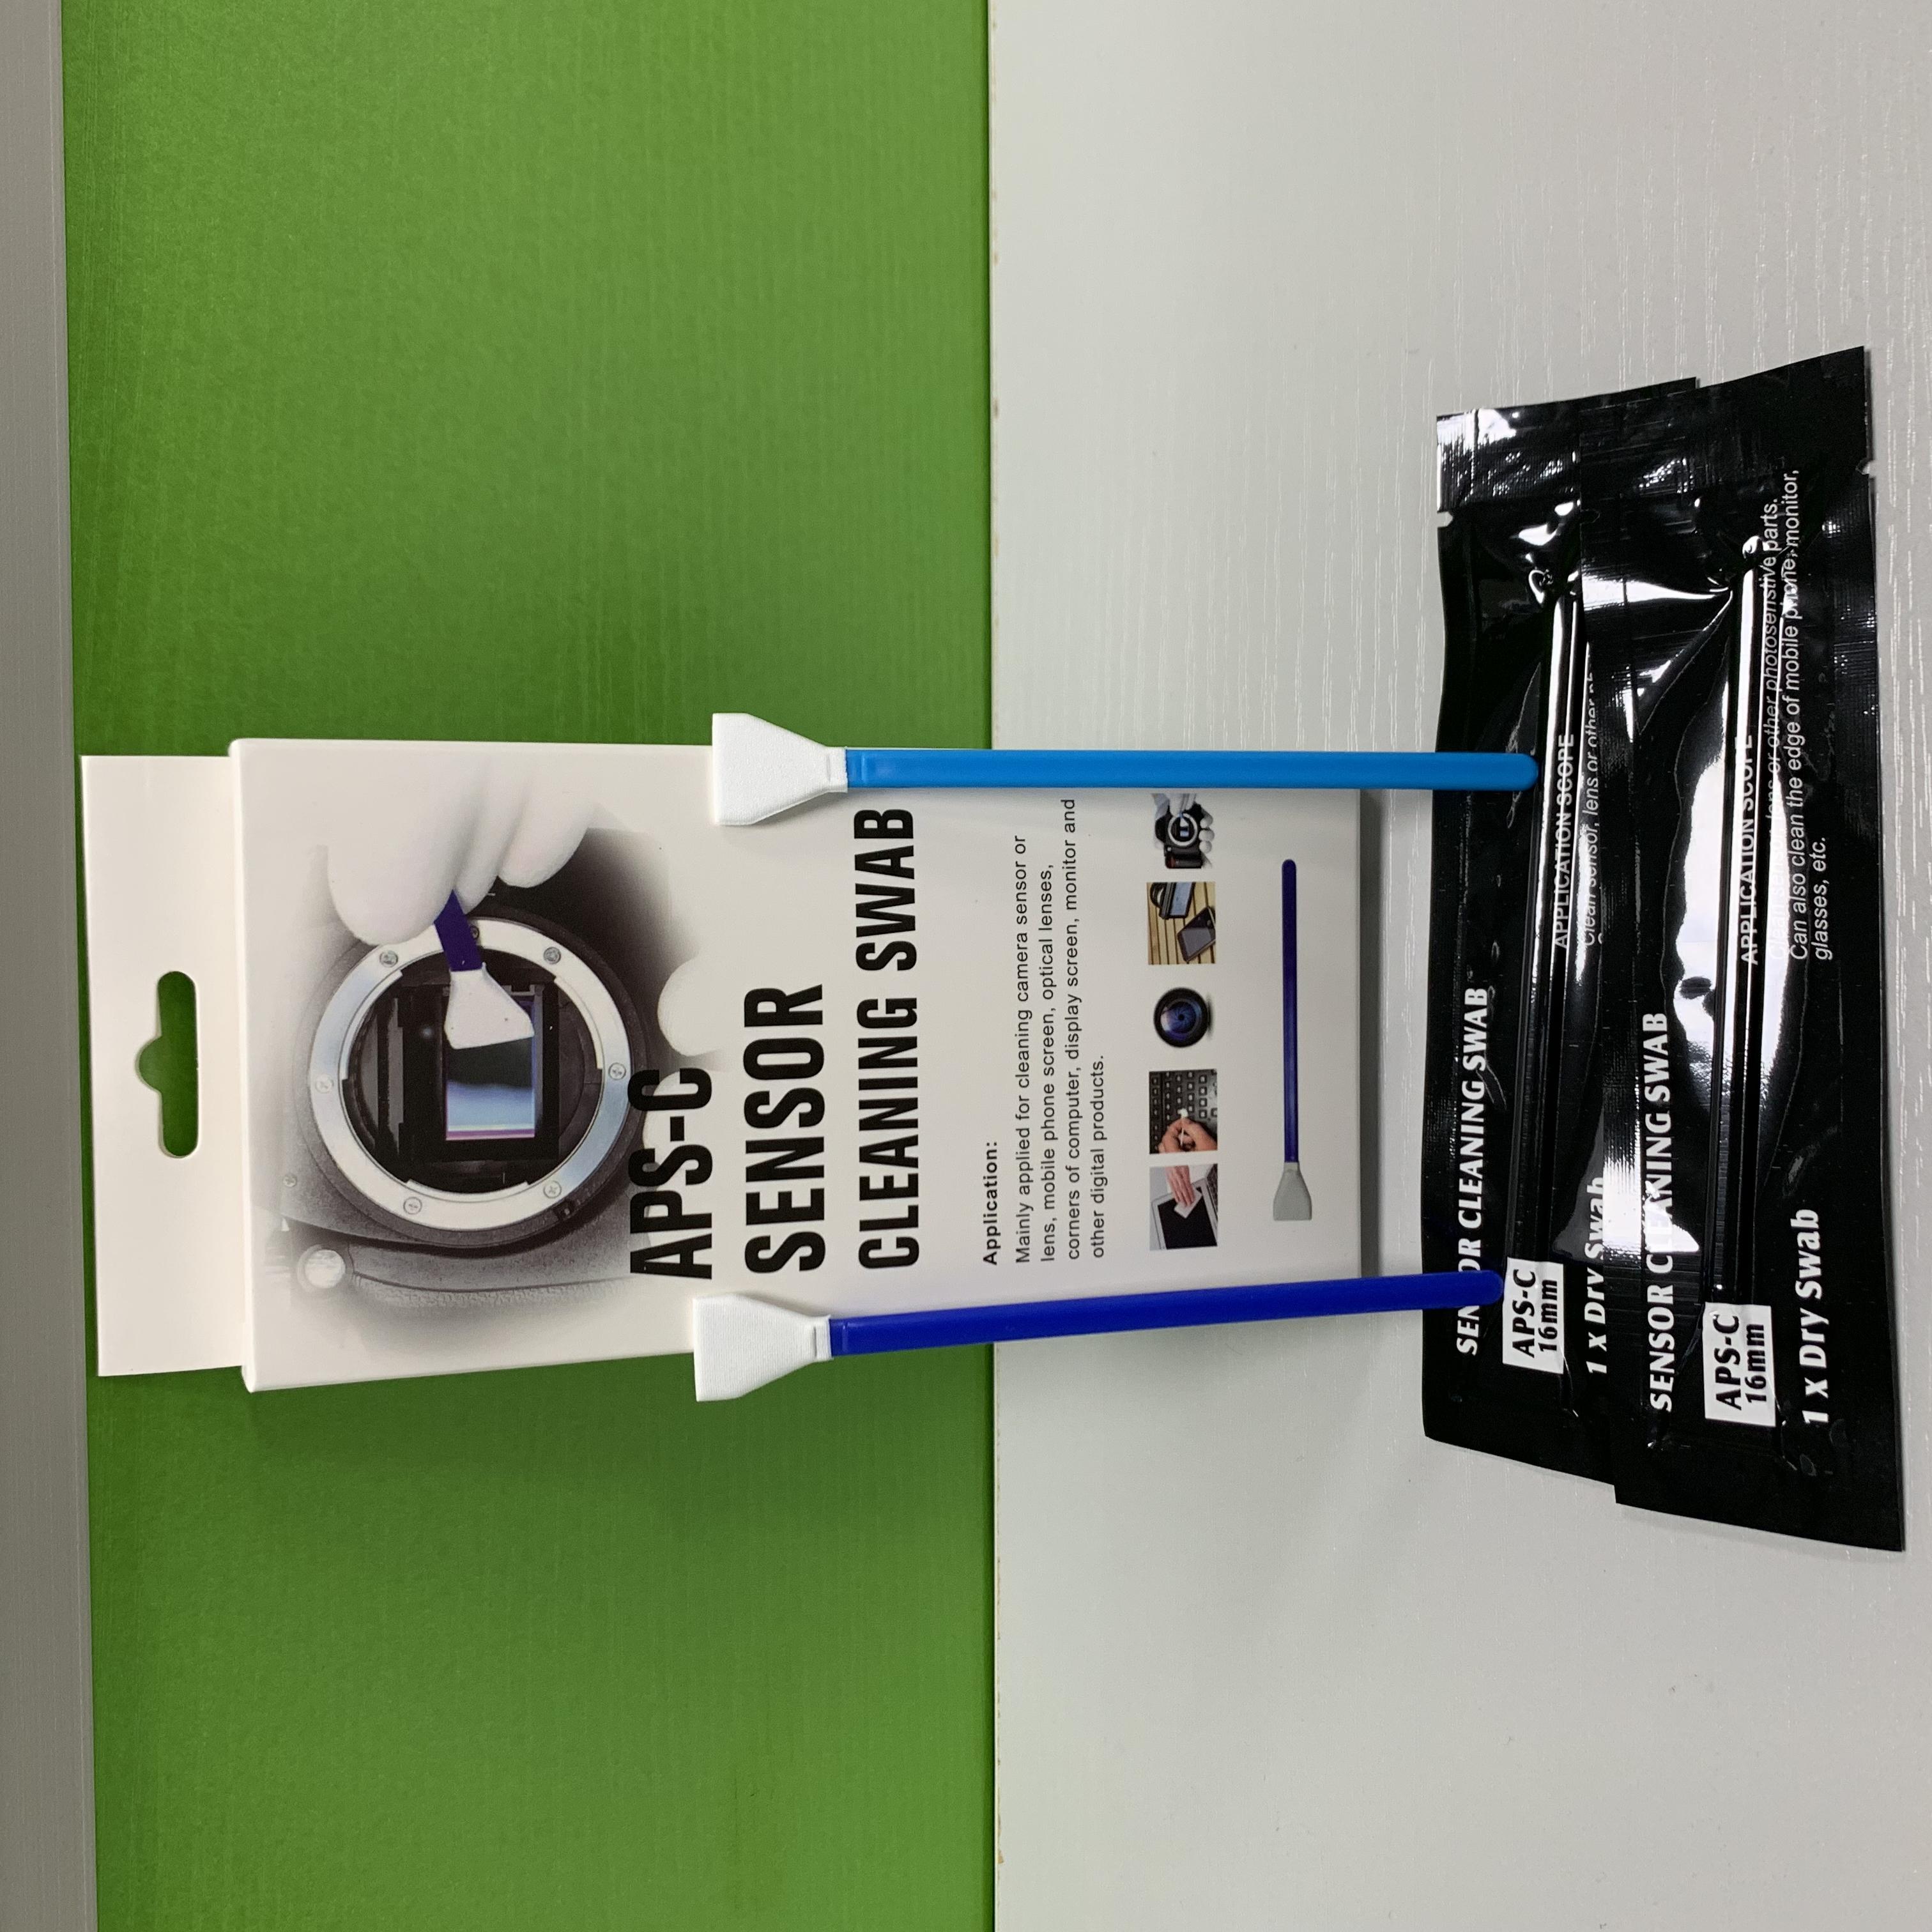 奥斯莱特 单反相机传感器清洁棒厂家直销